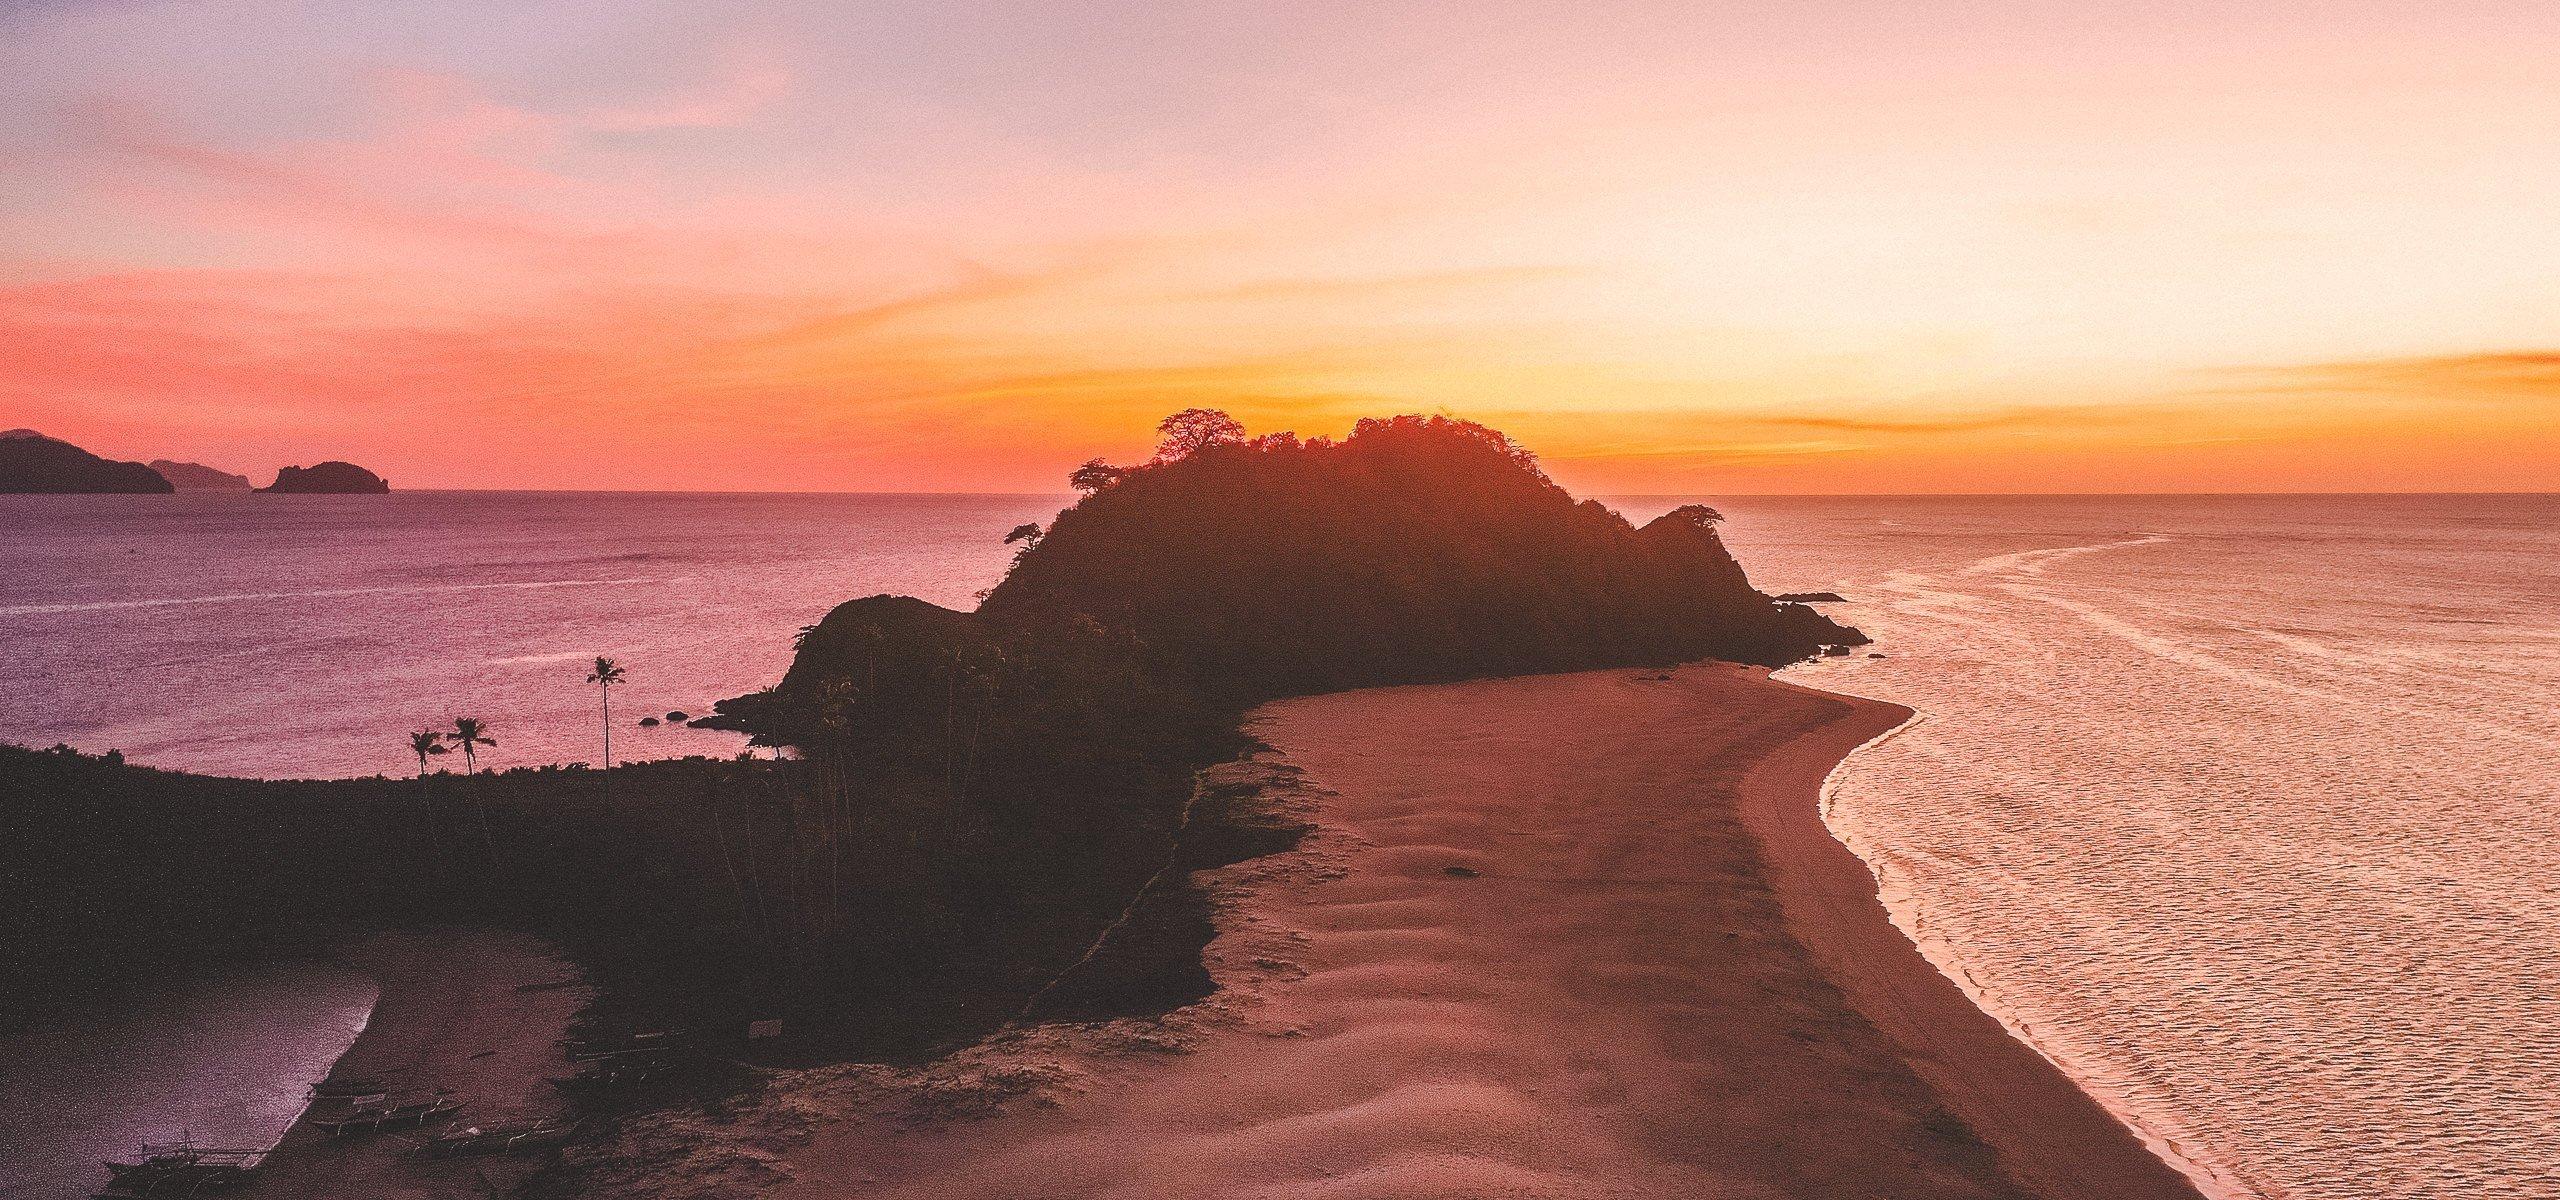 Drone capturing sunset at Nacpan Beach, El Nido